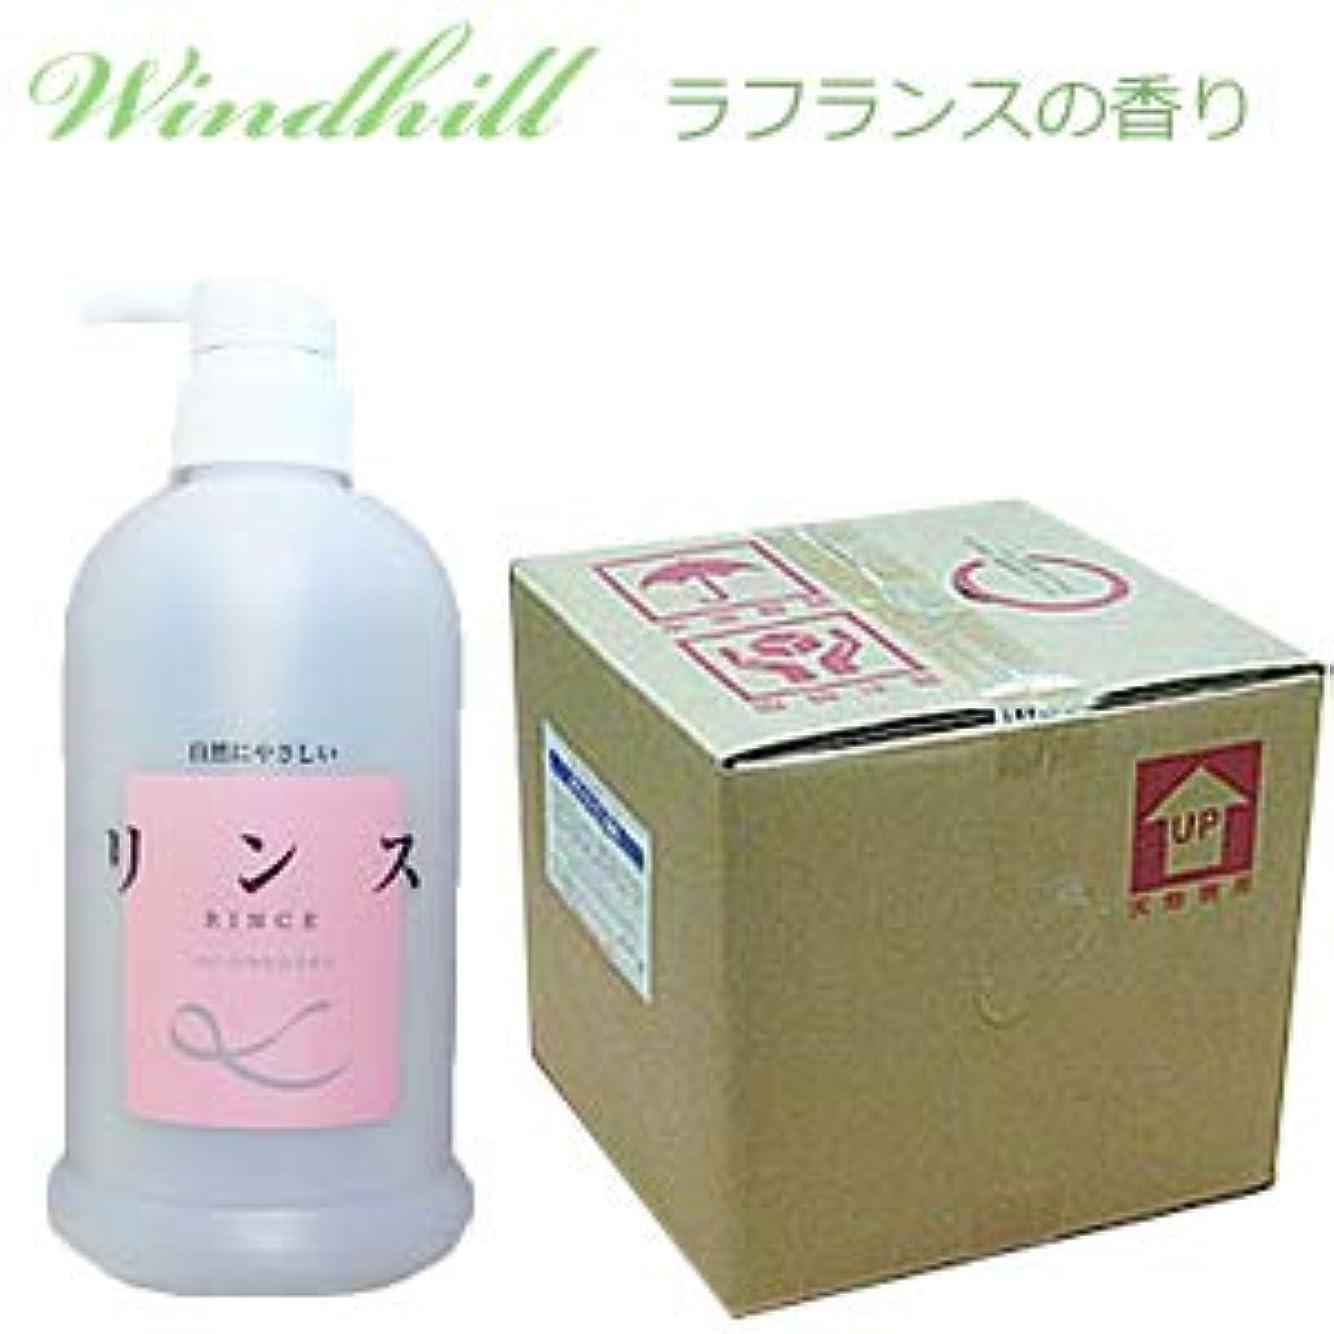 ヘッドレス浴室味なんと! 500ml当り173円 Windhill 植物性 業務用 リンス  爽やかなラフランスの香り 20L